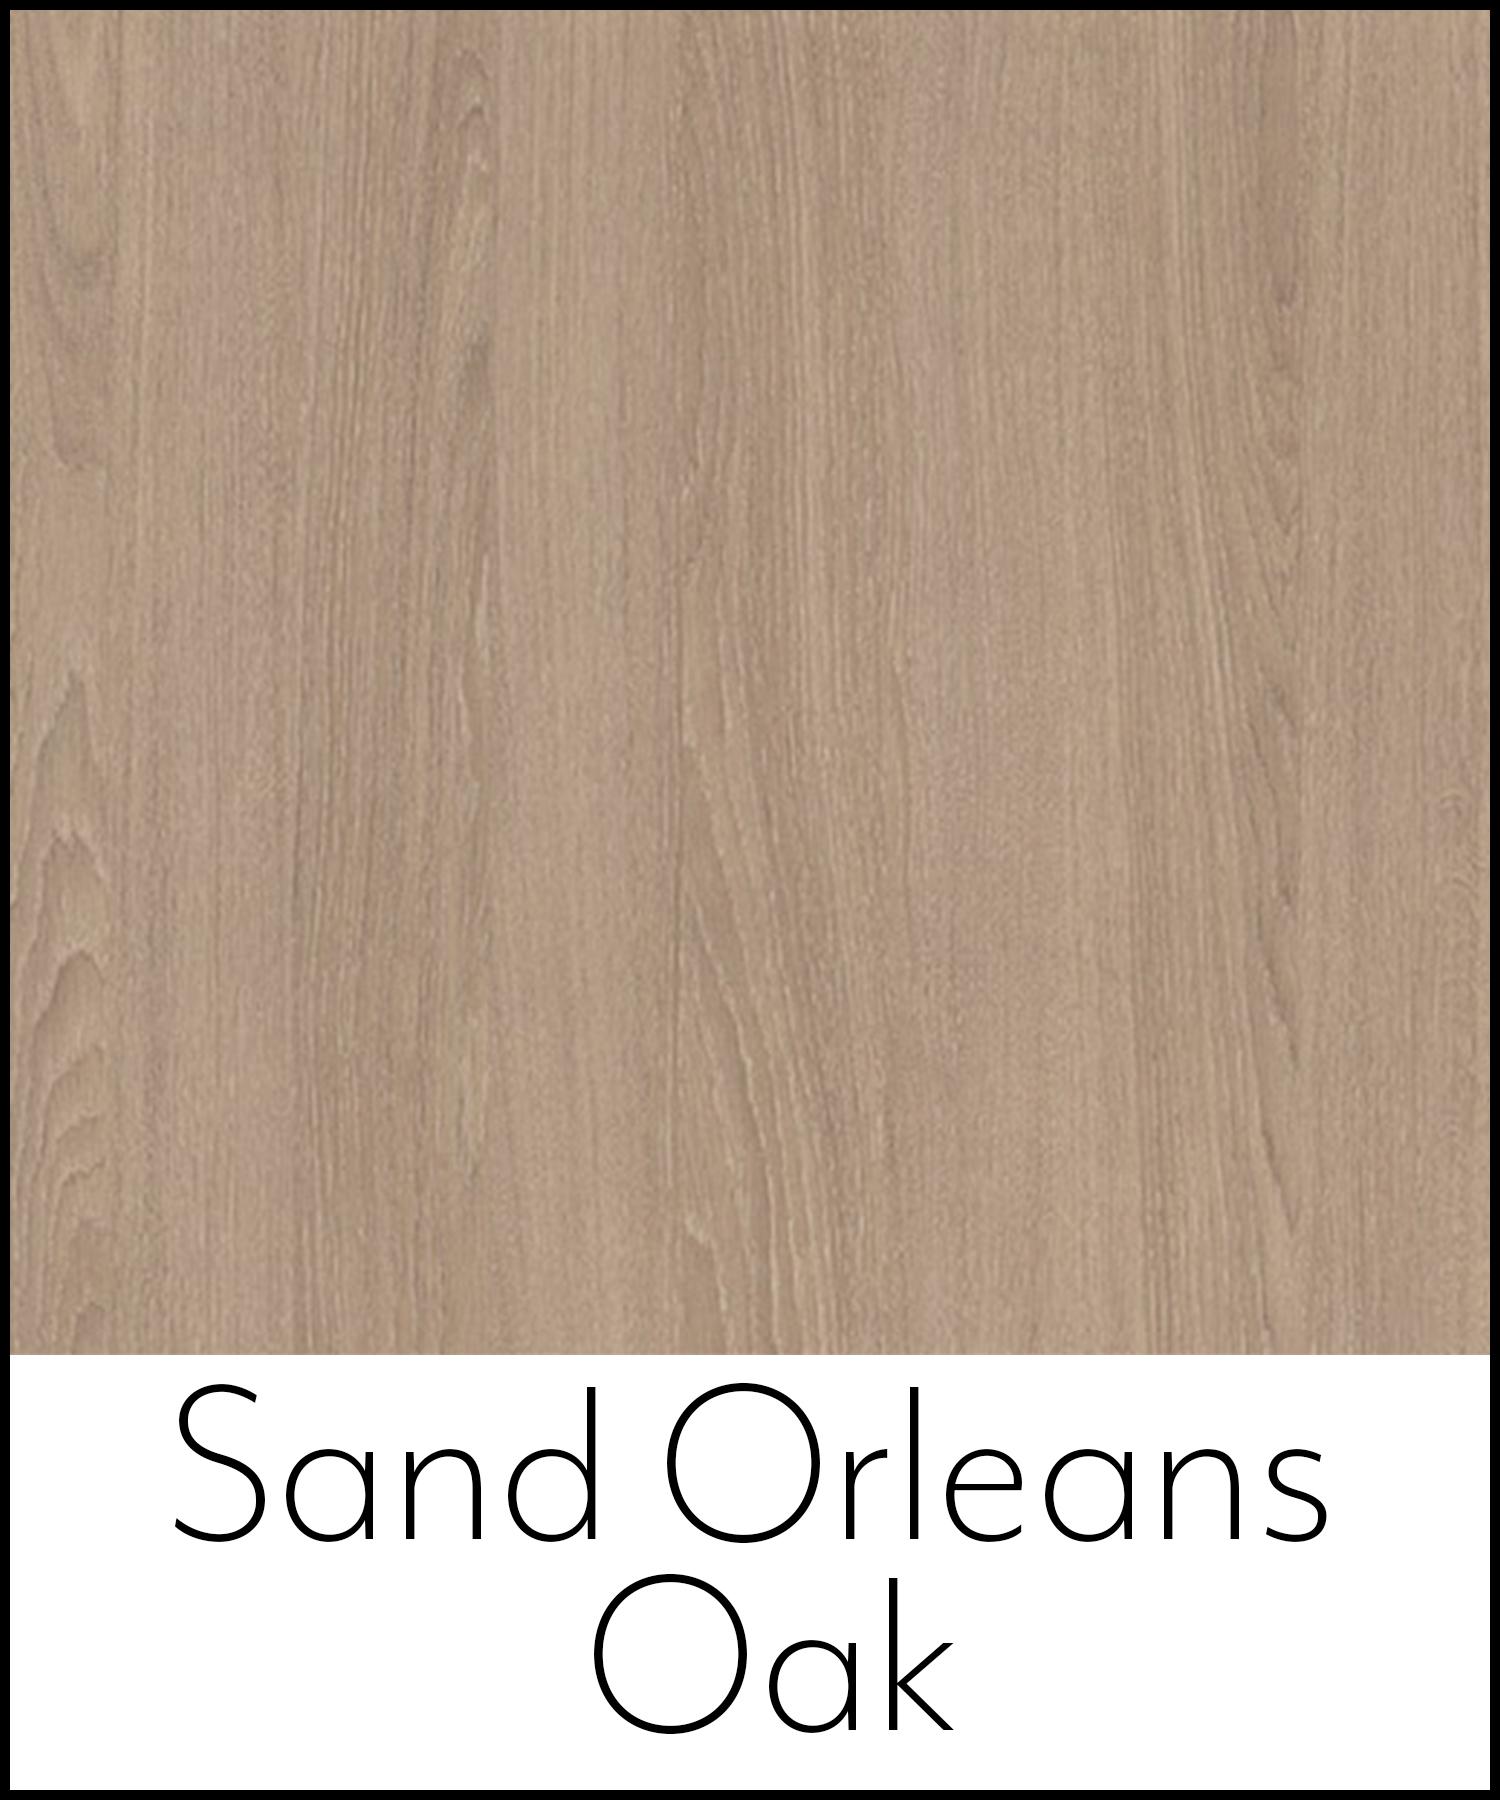 Sand Orleans Oak.jpg